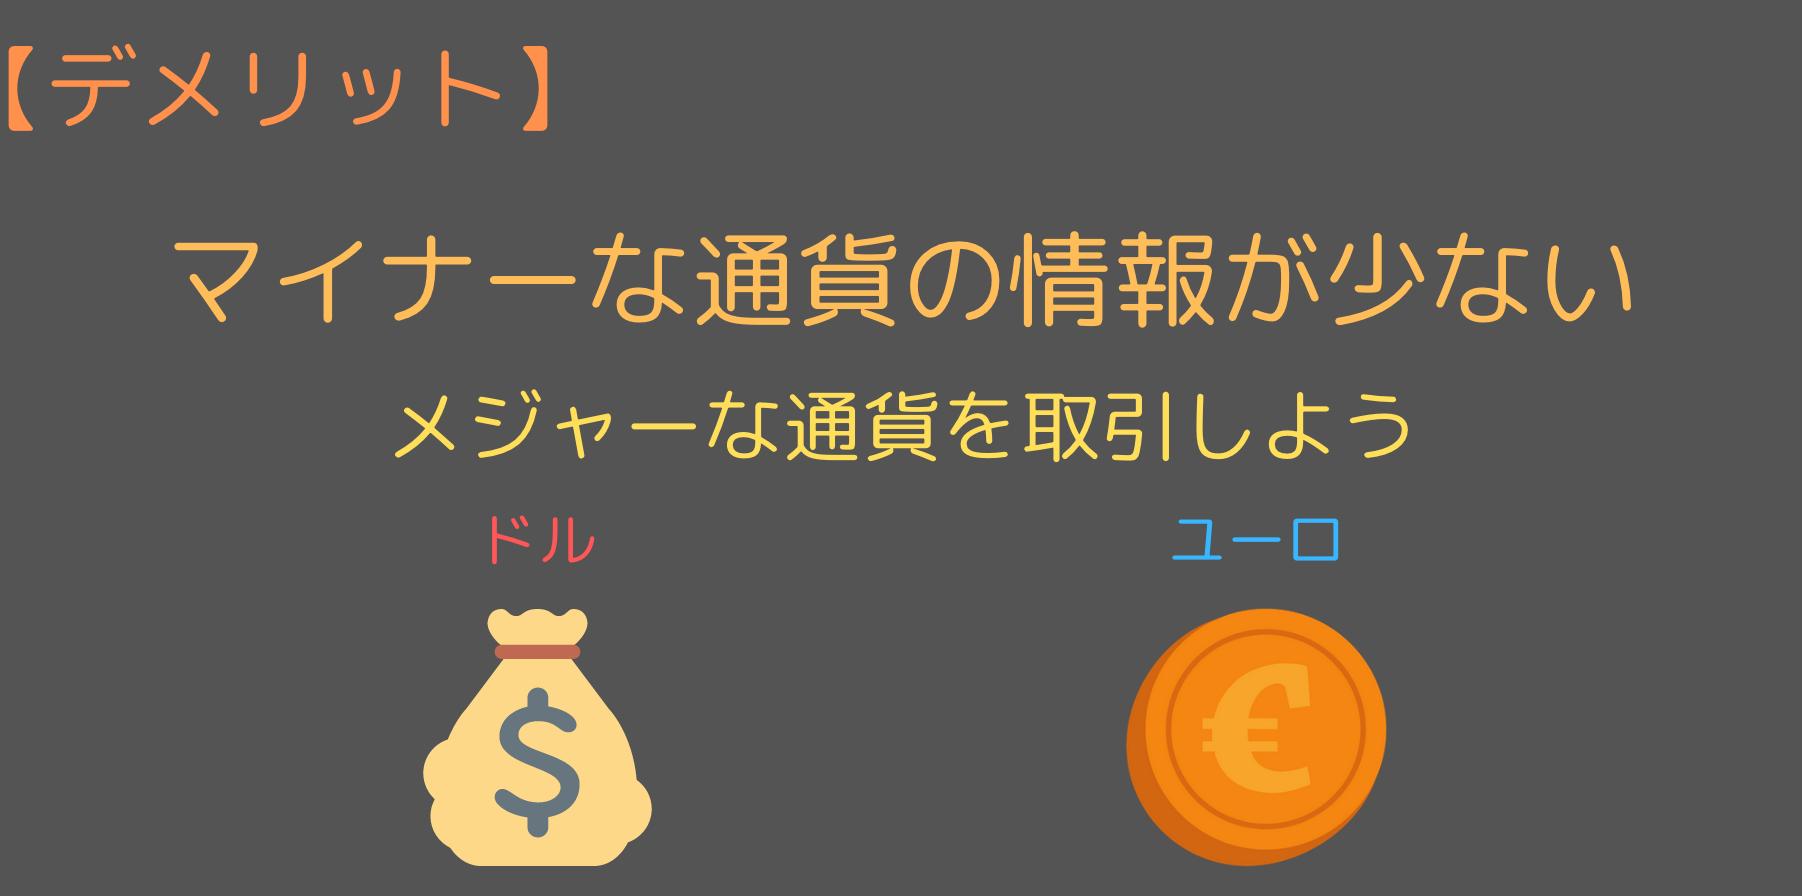 マイナーな通貨の情報は少ない